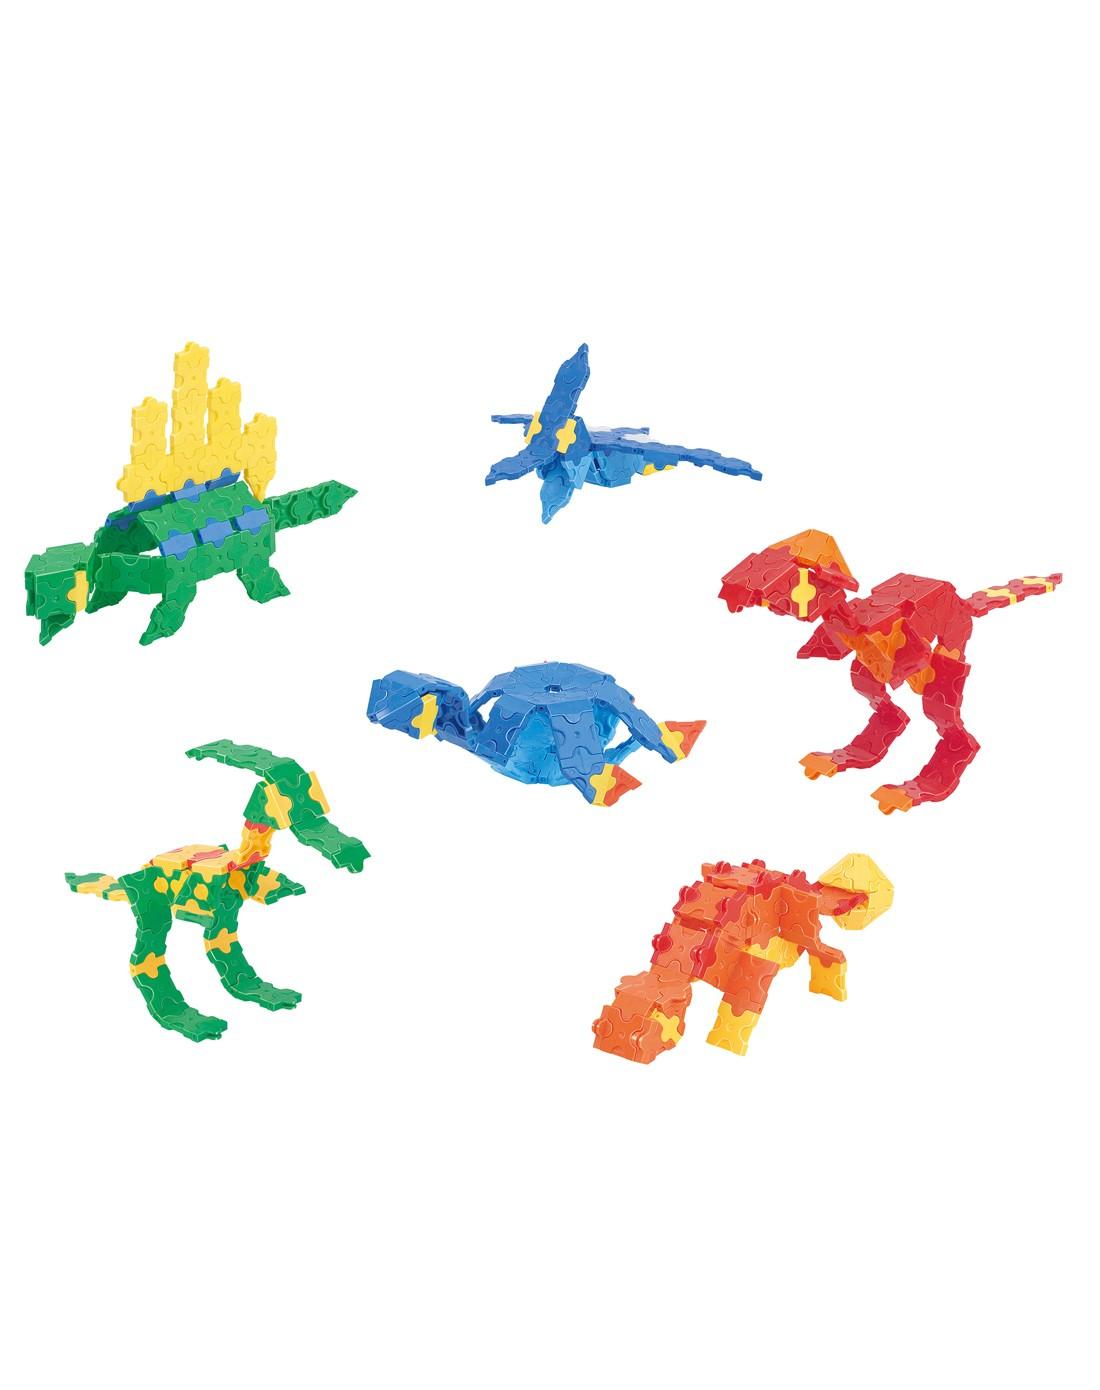 48节魔尺变恐龙蛋图解